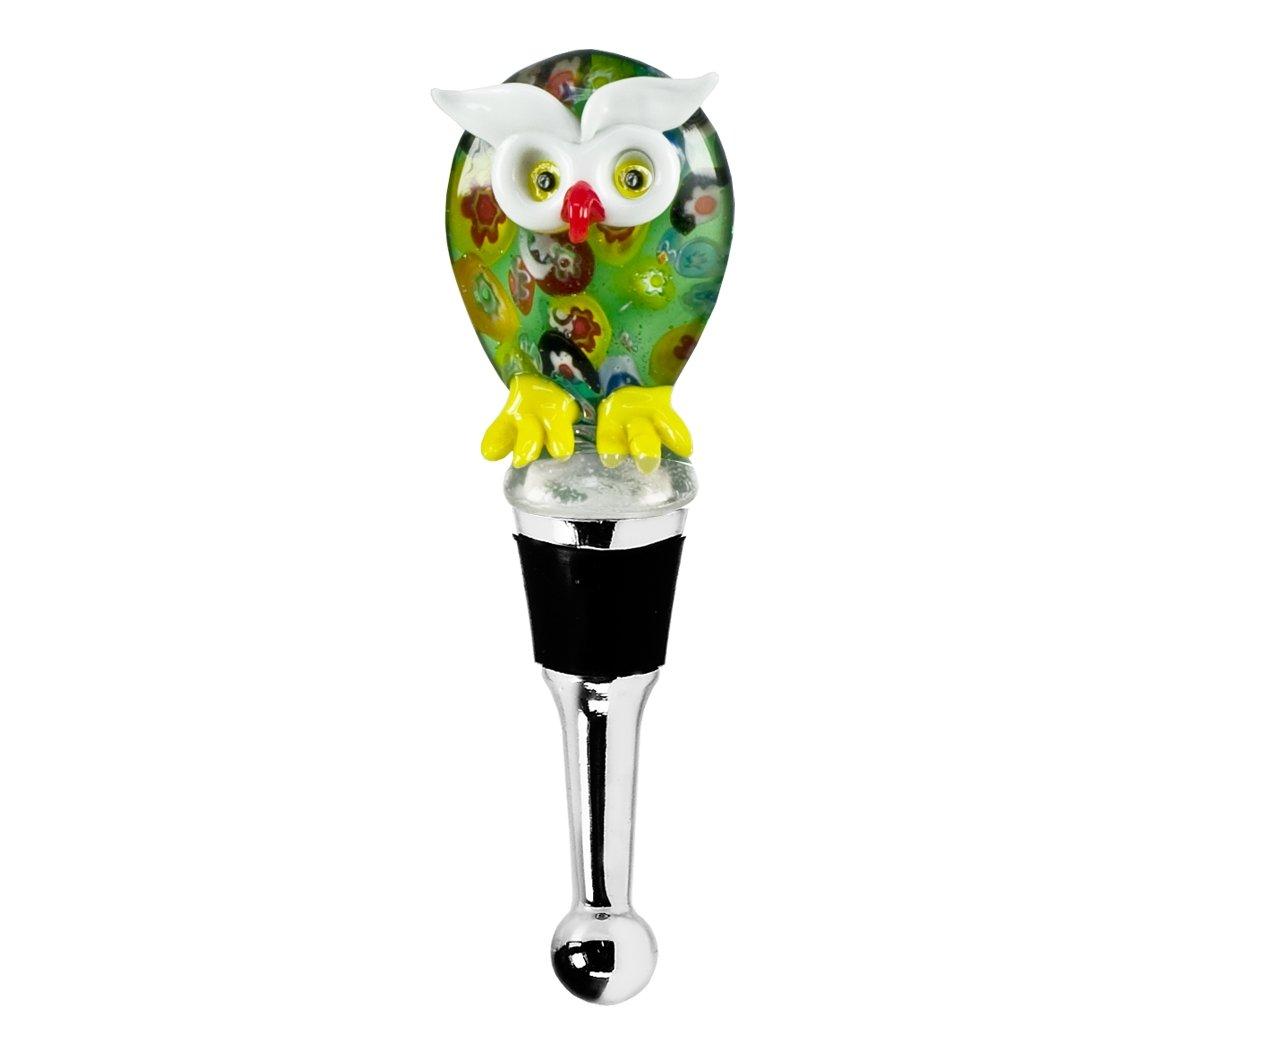 Flaschenverschluss- Eule- Glas Glas Glas B00UCRL25S   Niedriger Preis  58003d